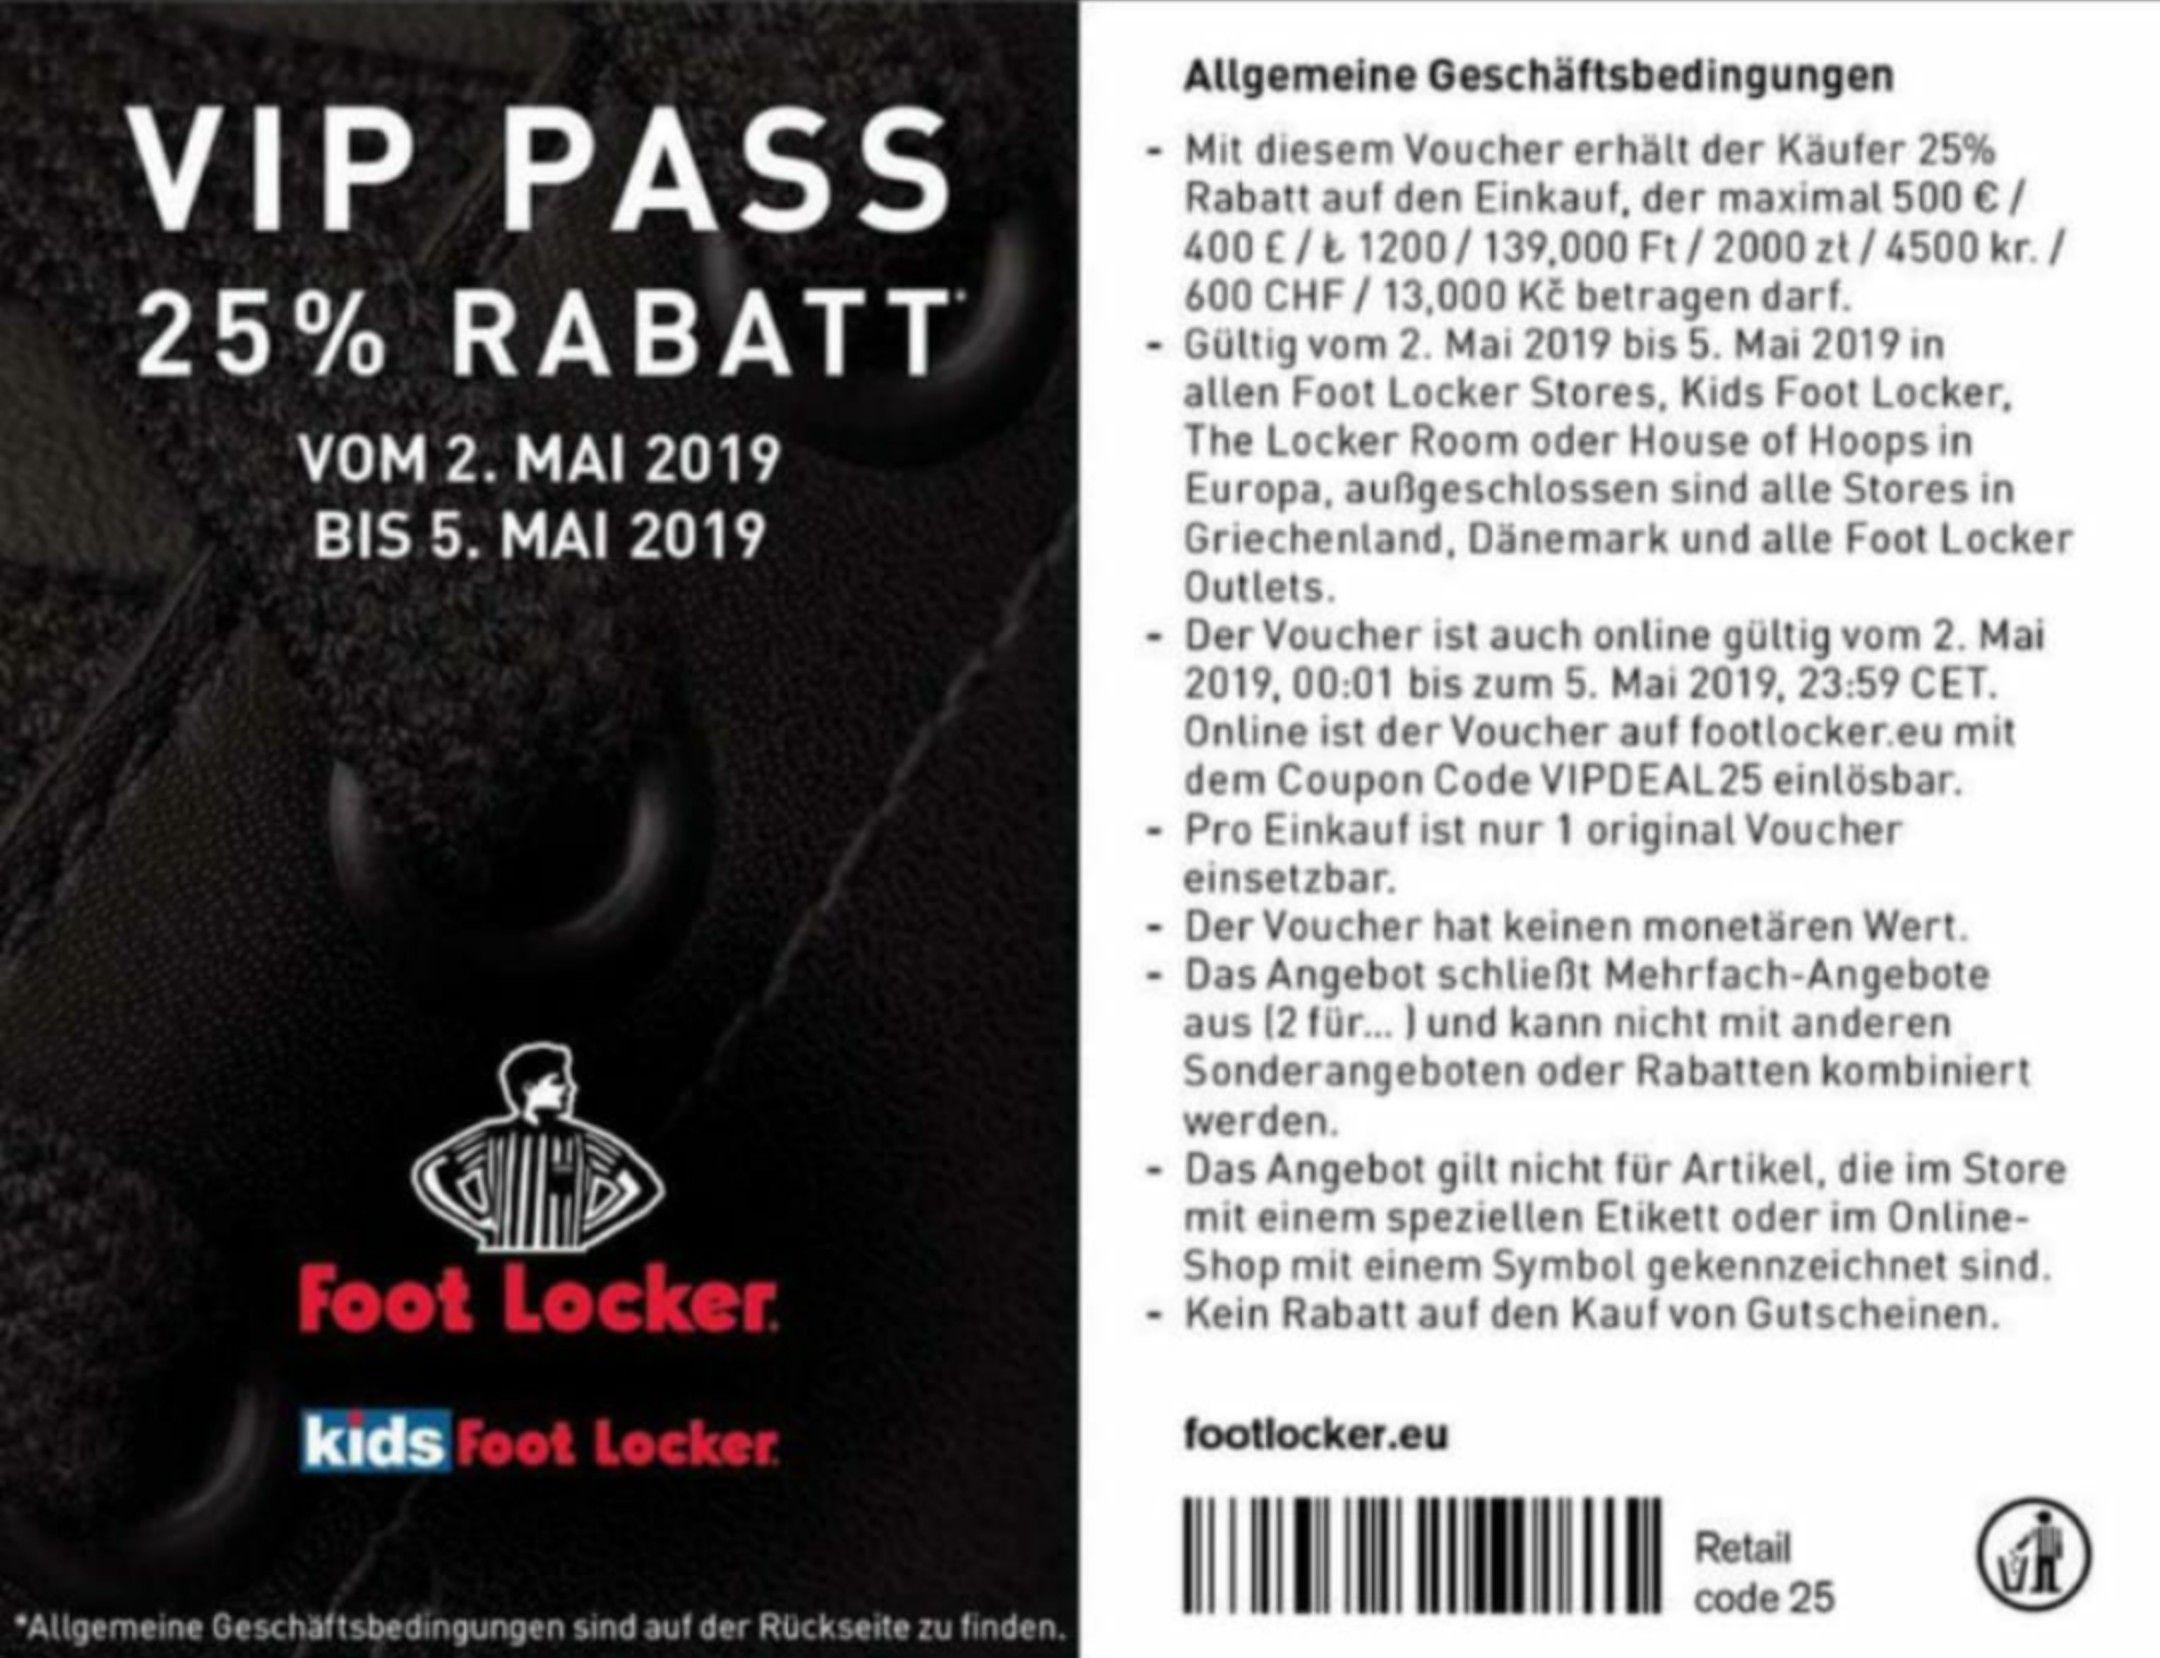 25% Rabatt in Foot Locker